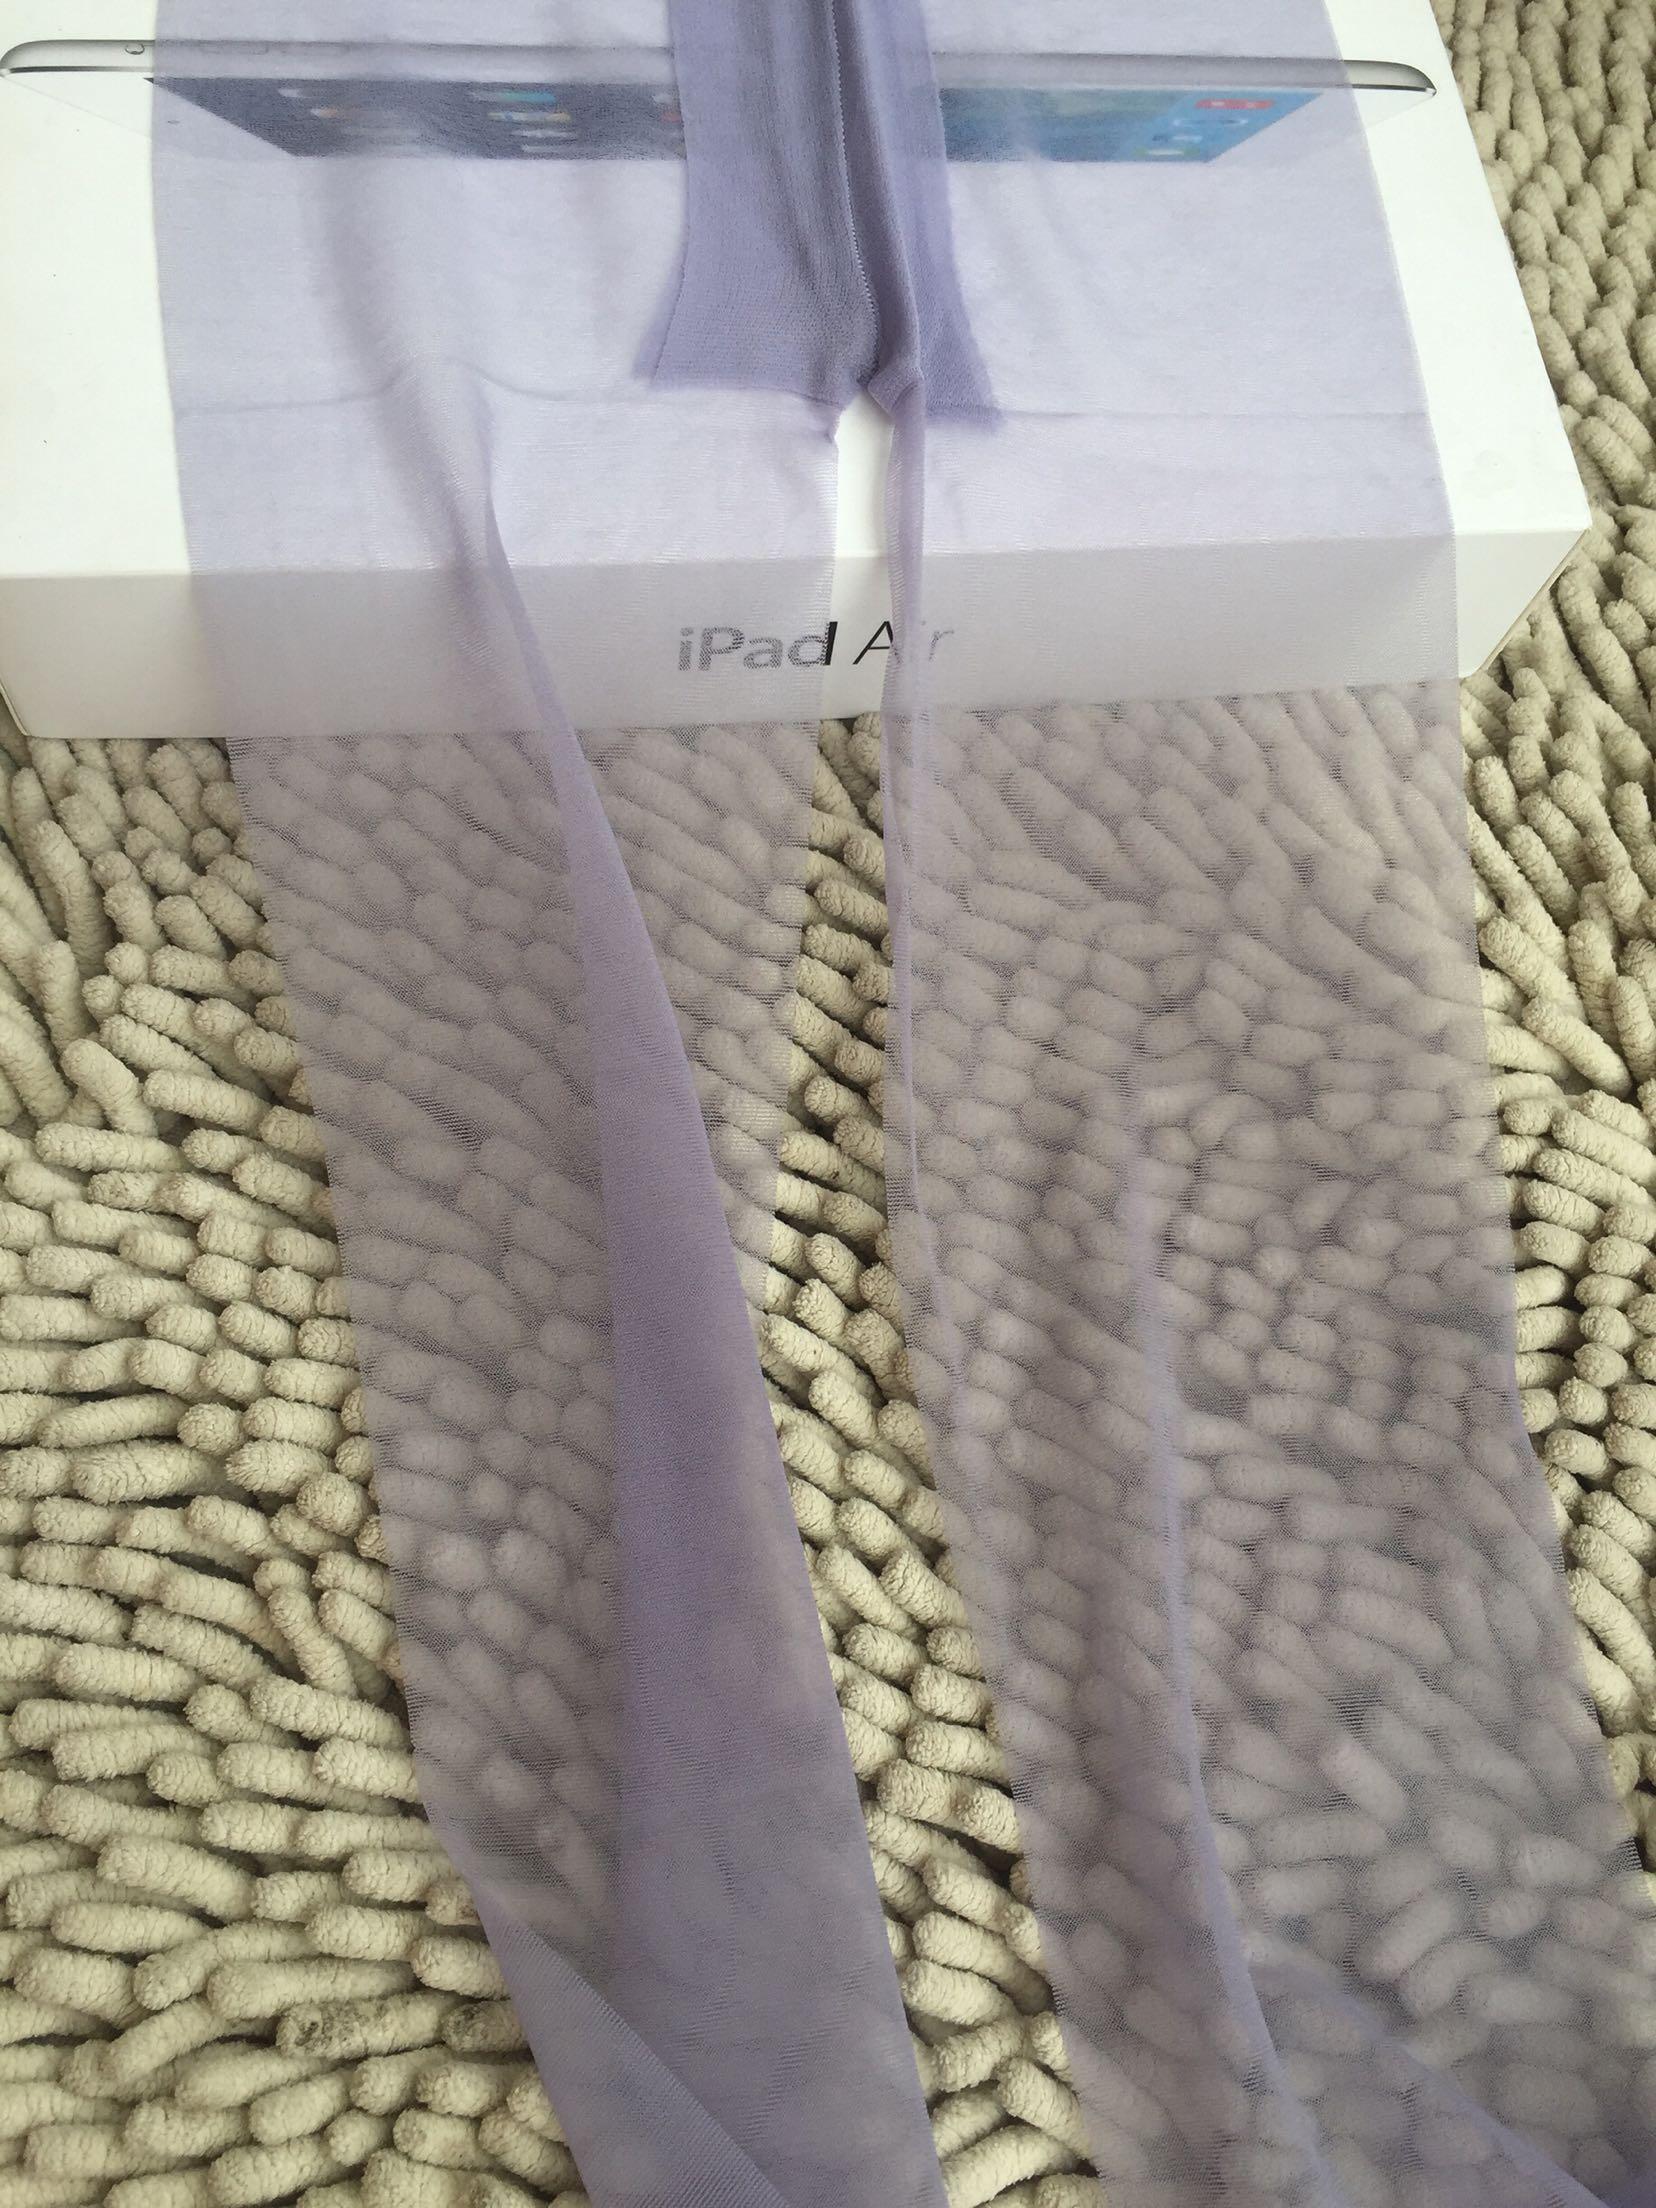 彩色透明丝袜 糖果色5D超透明隐形丝袜 彩色T裆无痕全透明连裤袜女袜子9色入_推荐淘宝好看的彩色透明丝袜